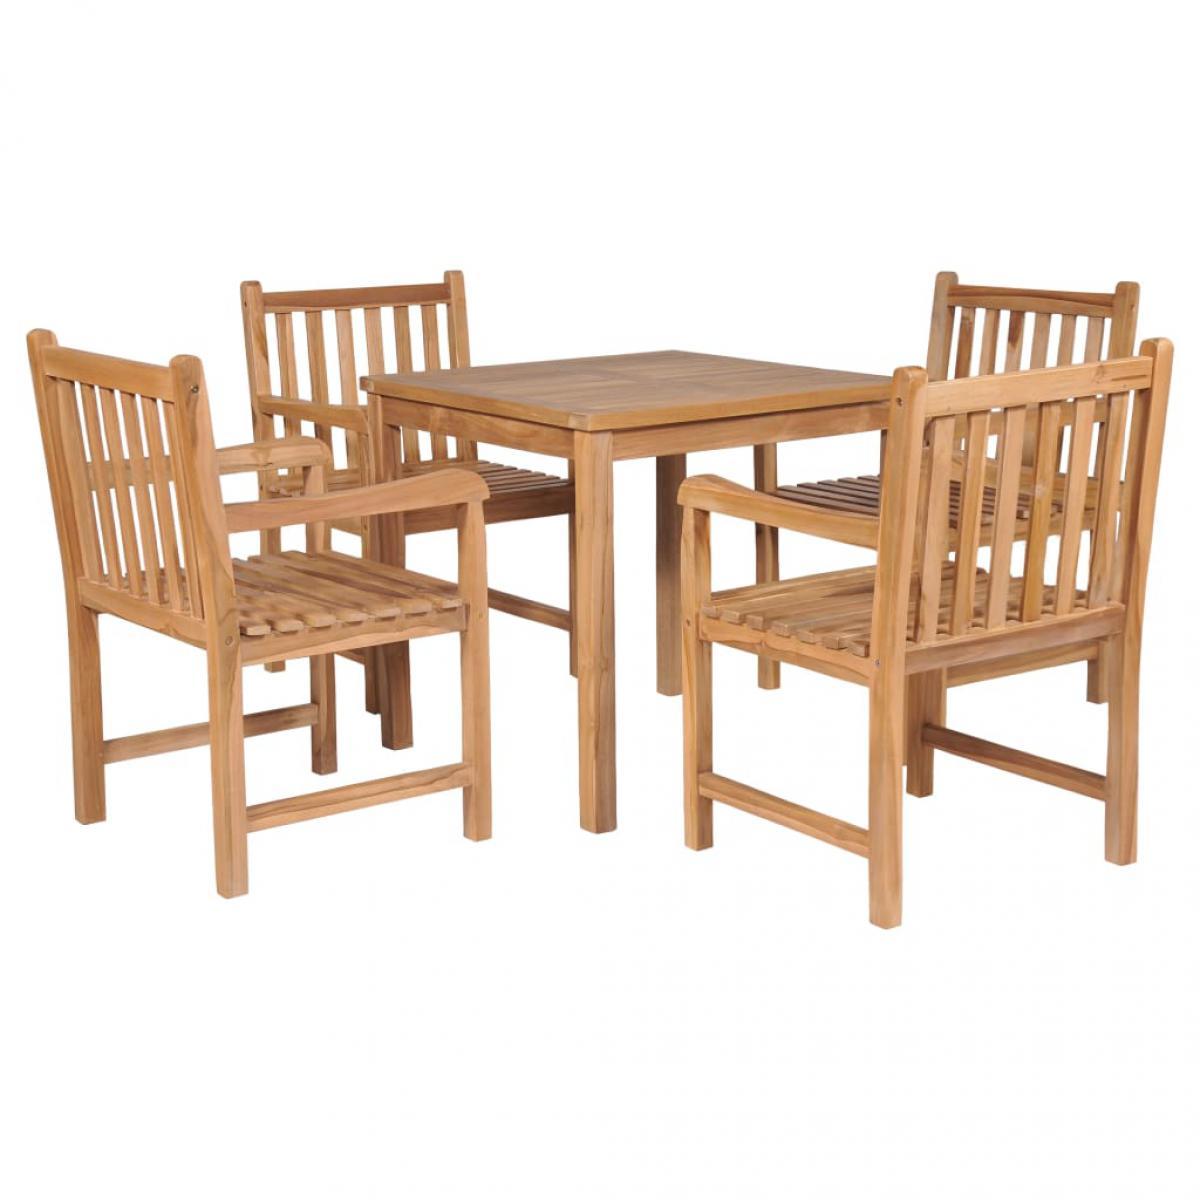 Vidaxl vidaXL Ensemble de salle à manger d'extérieur 5pcs Bois solide de teck